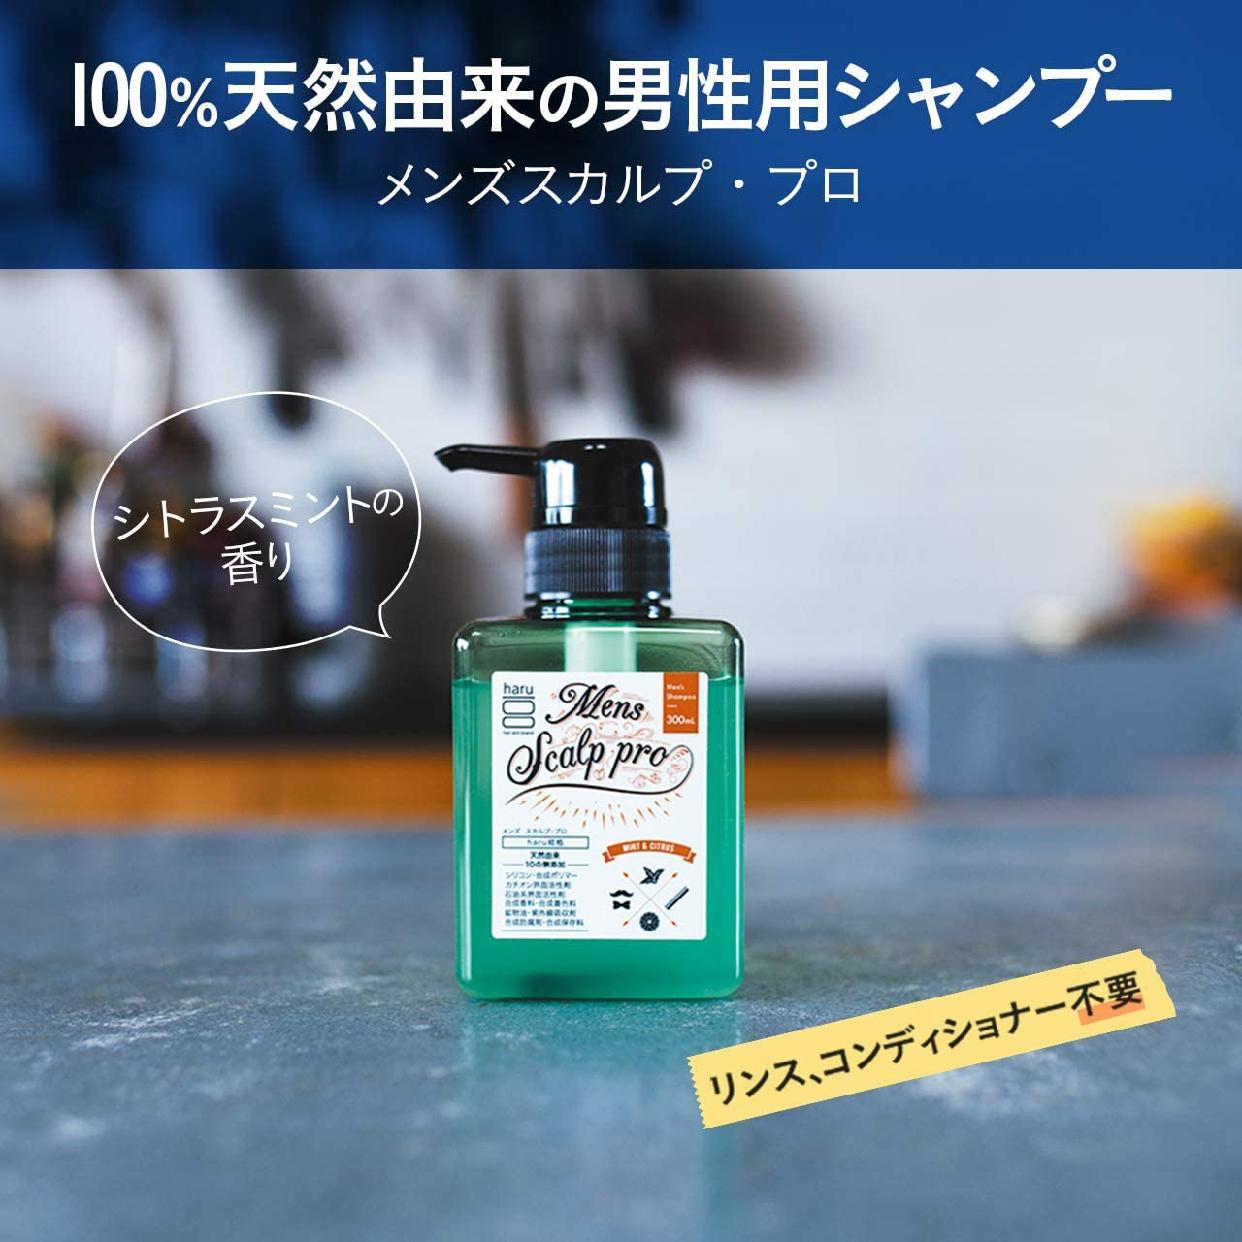 haru(ハル)メンズ スカルプ・プロの商品画像8